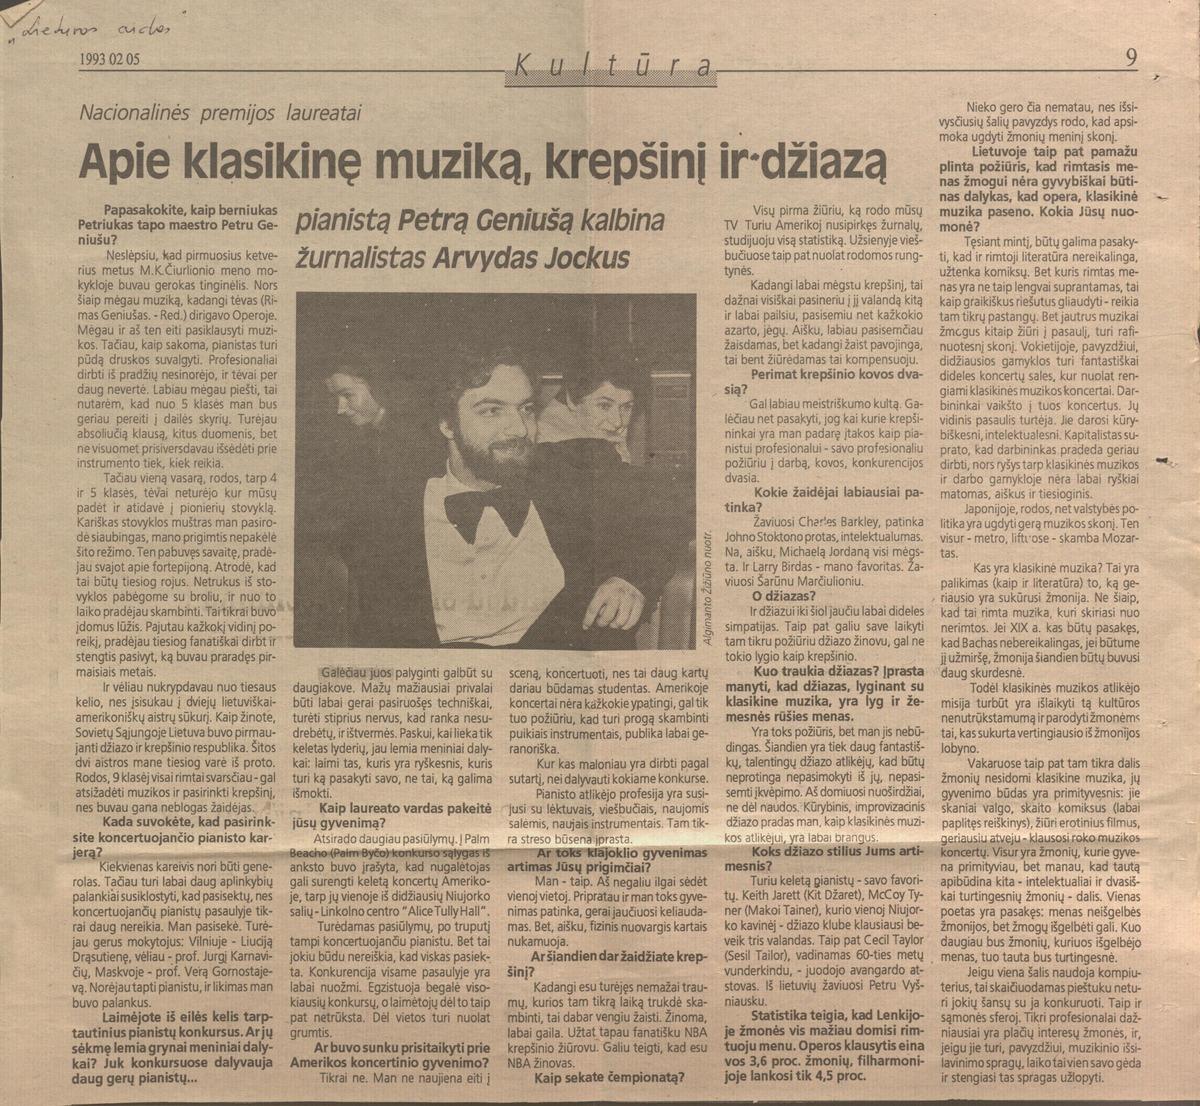 A. Jockus. Apie klasikinė muziką, krepšinį ir džiazą // Lietuvos aidai. - 1993.02.05, p.9